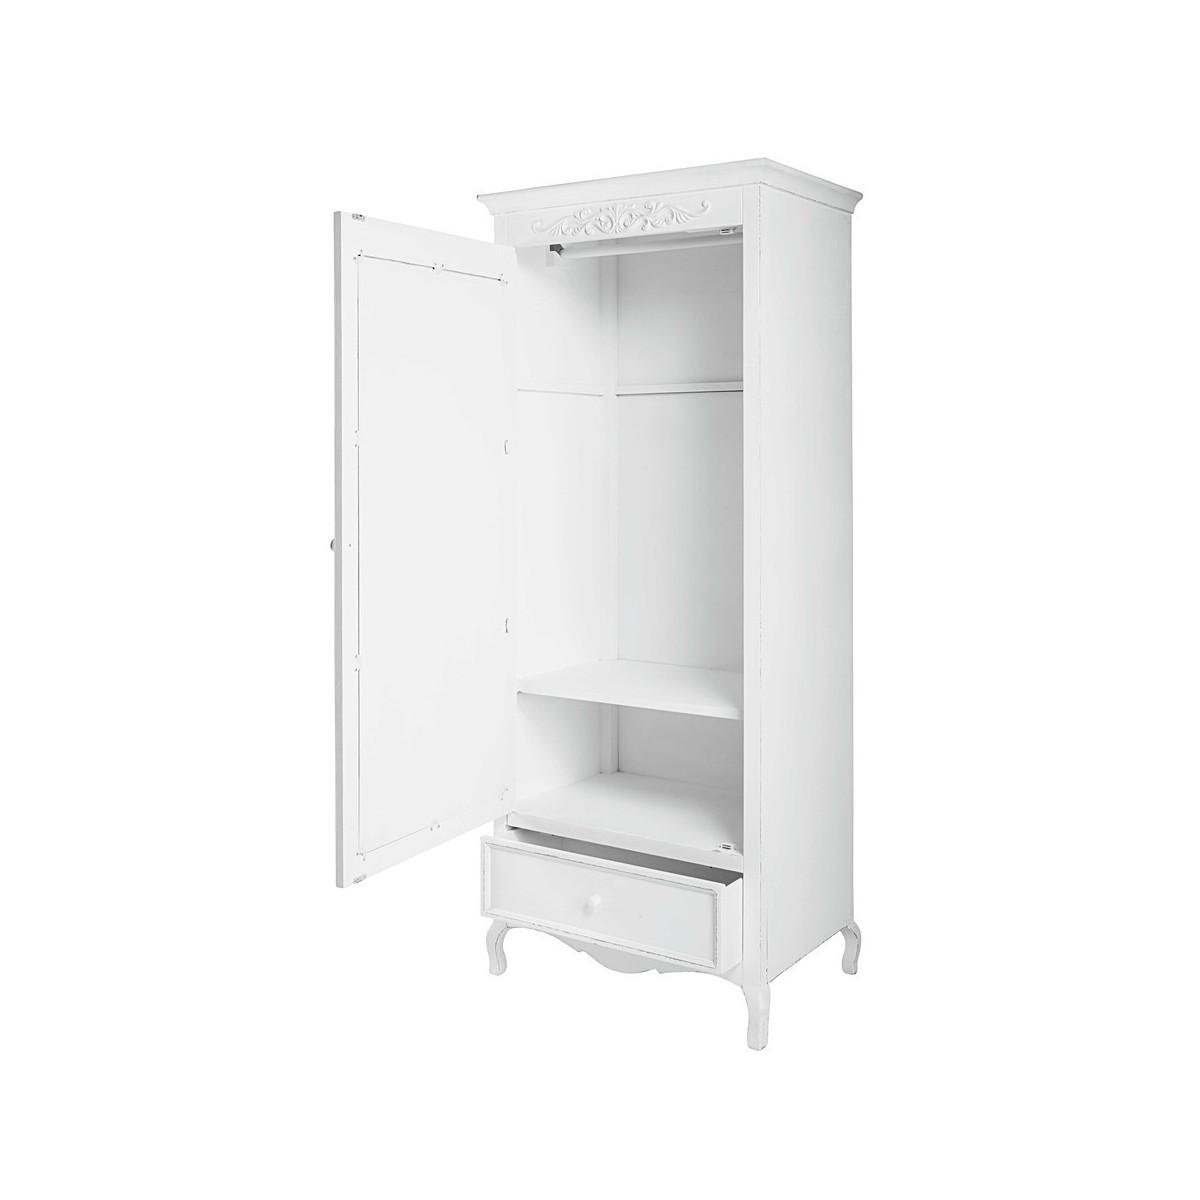 bonnetiere maison du monde good leroy merlin claira. Black Bedroom Furniture Sets. Home Design Ideas